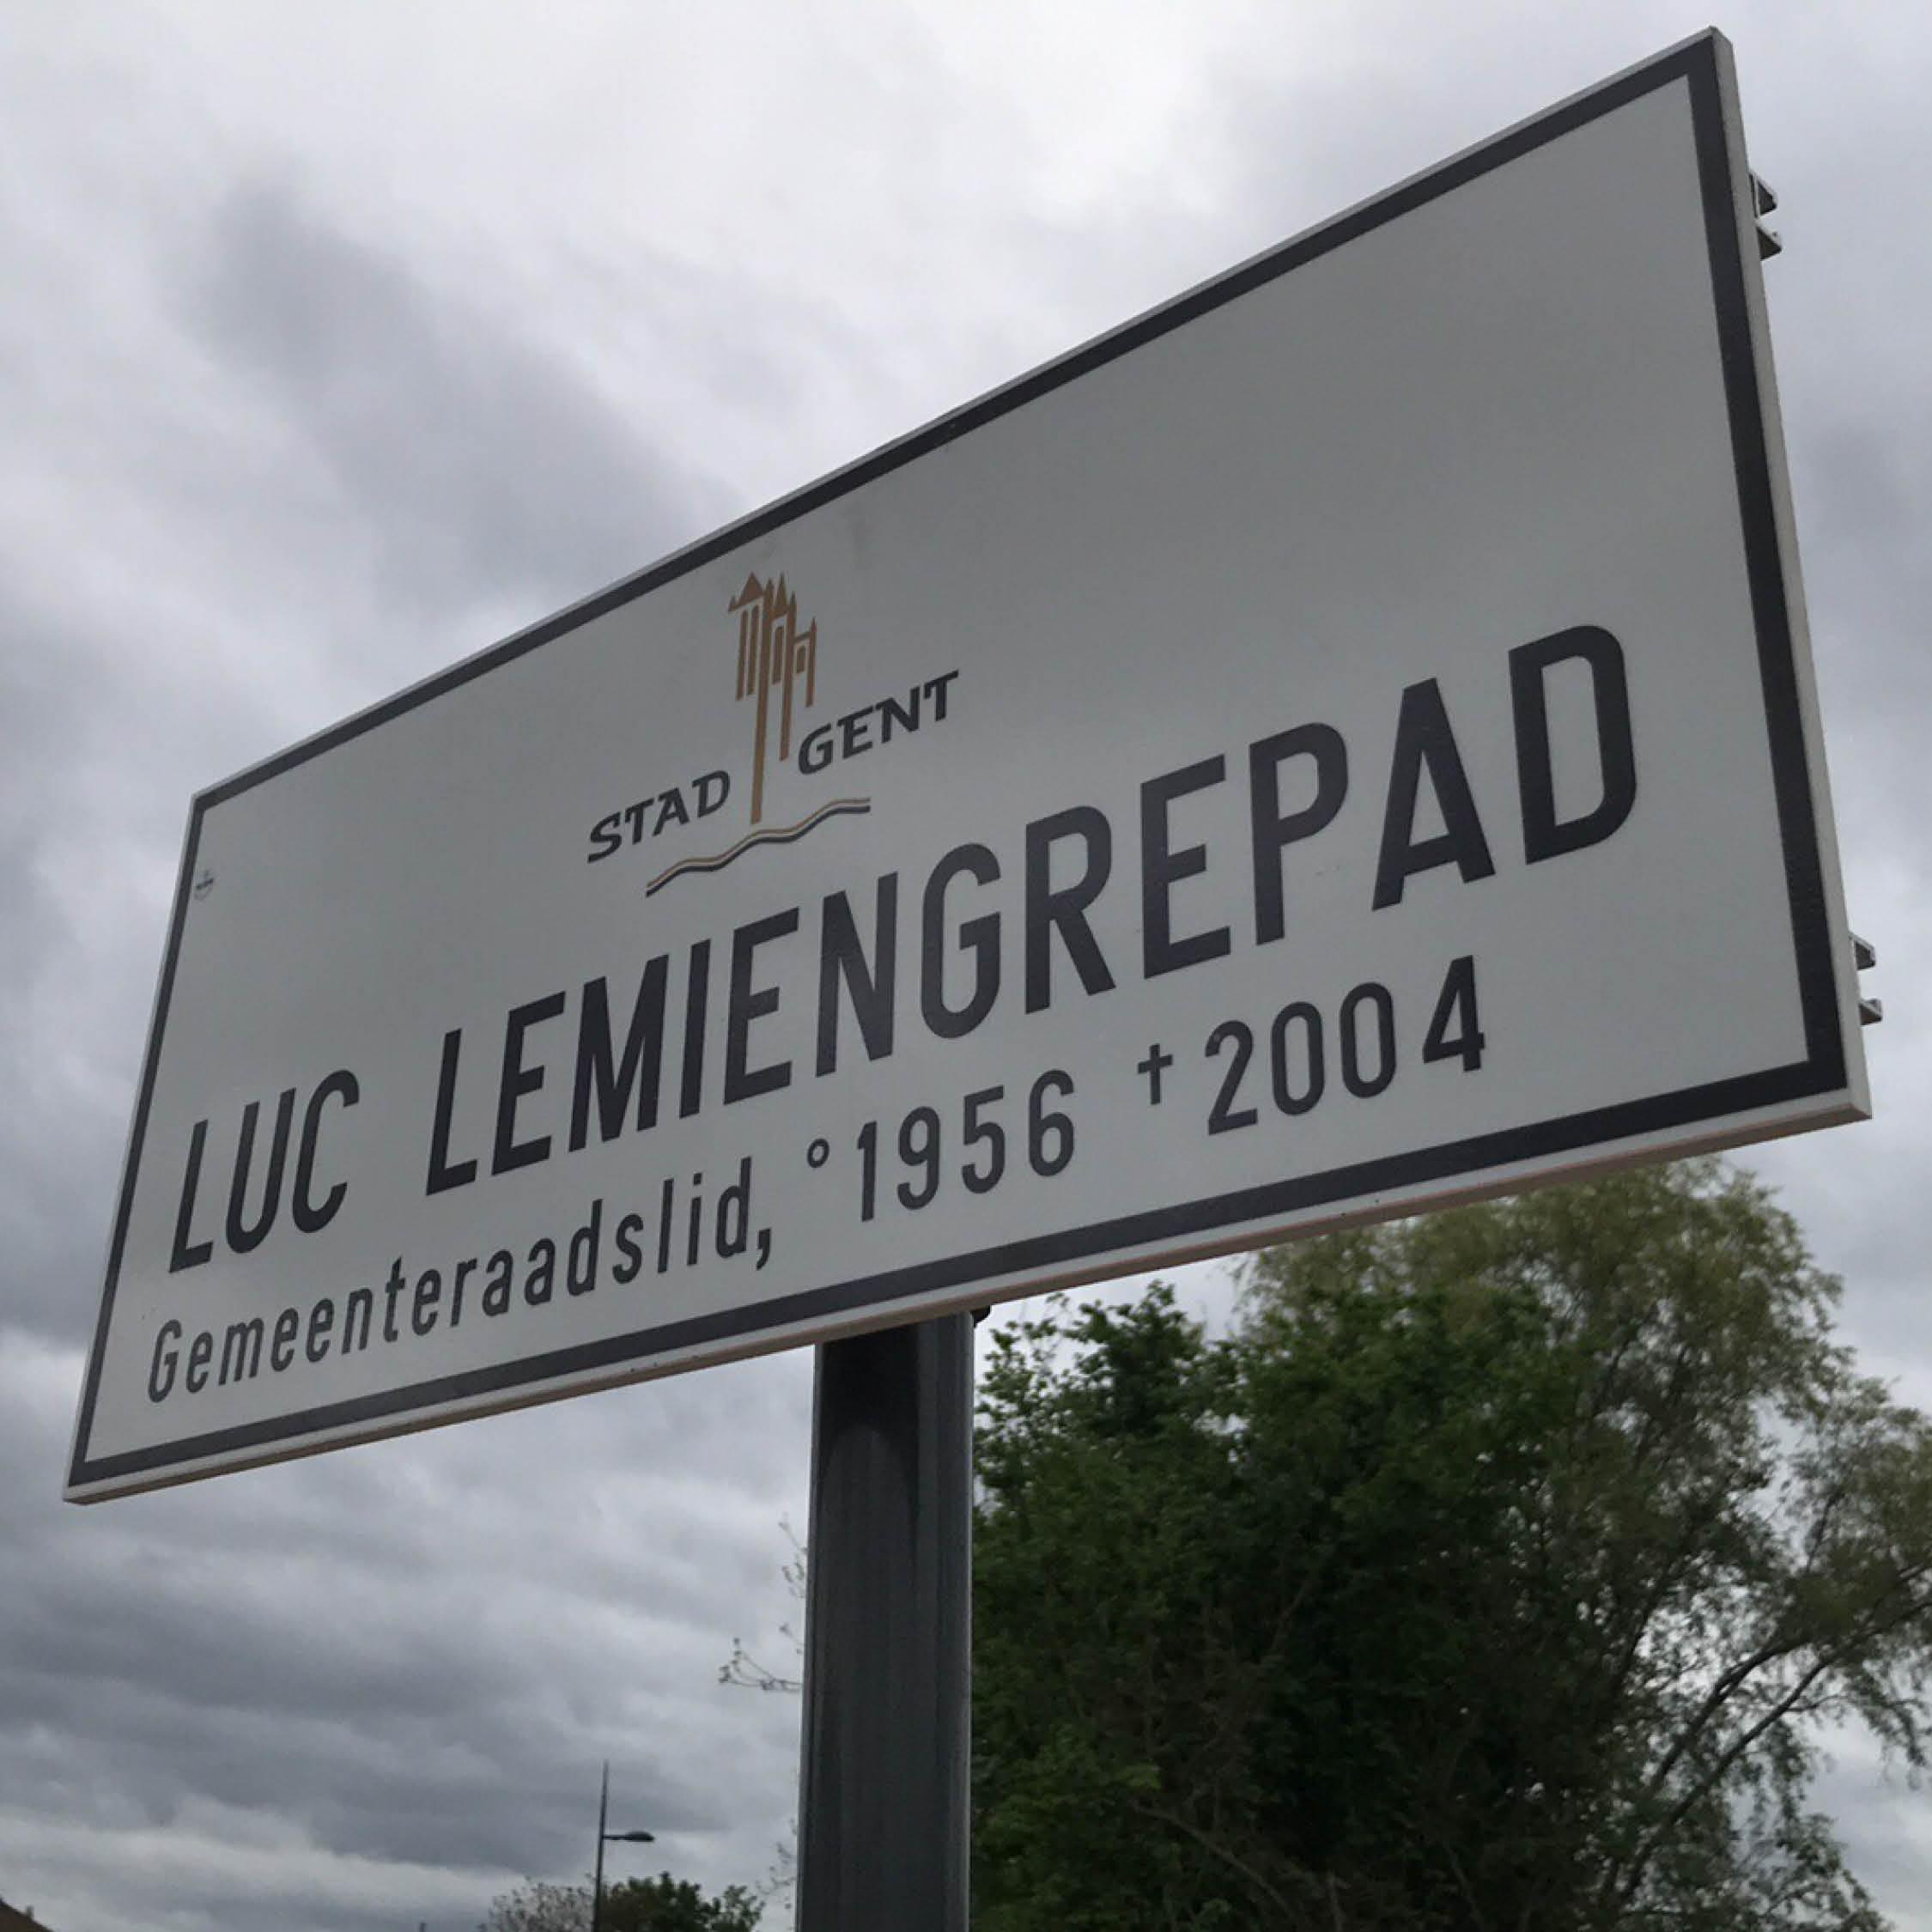 Naambord Luc Lemiengrepad